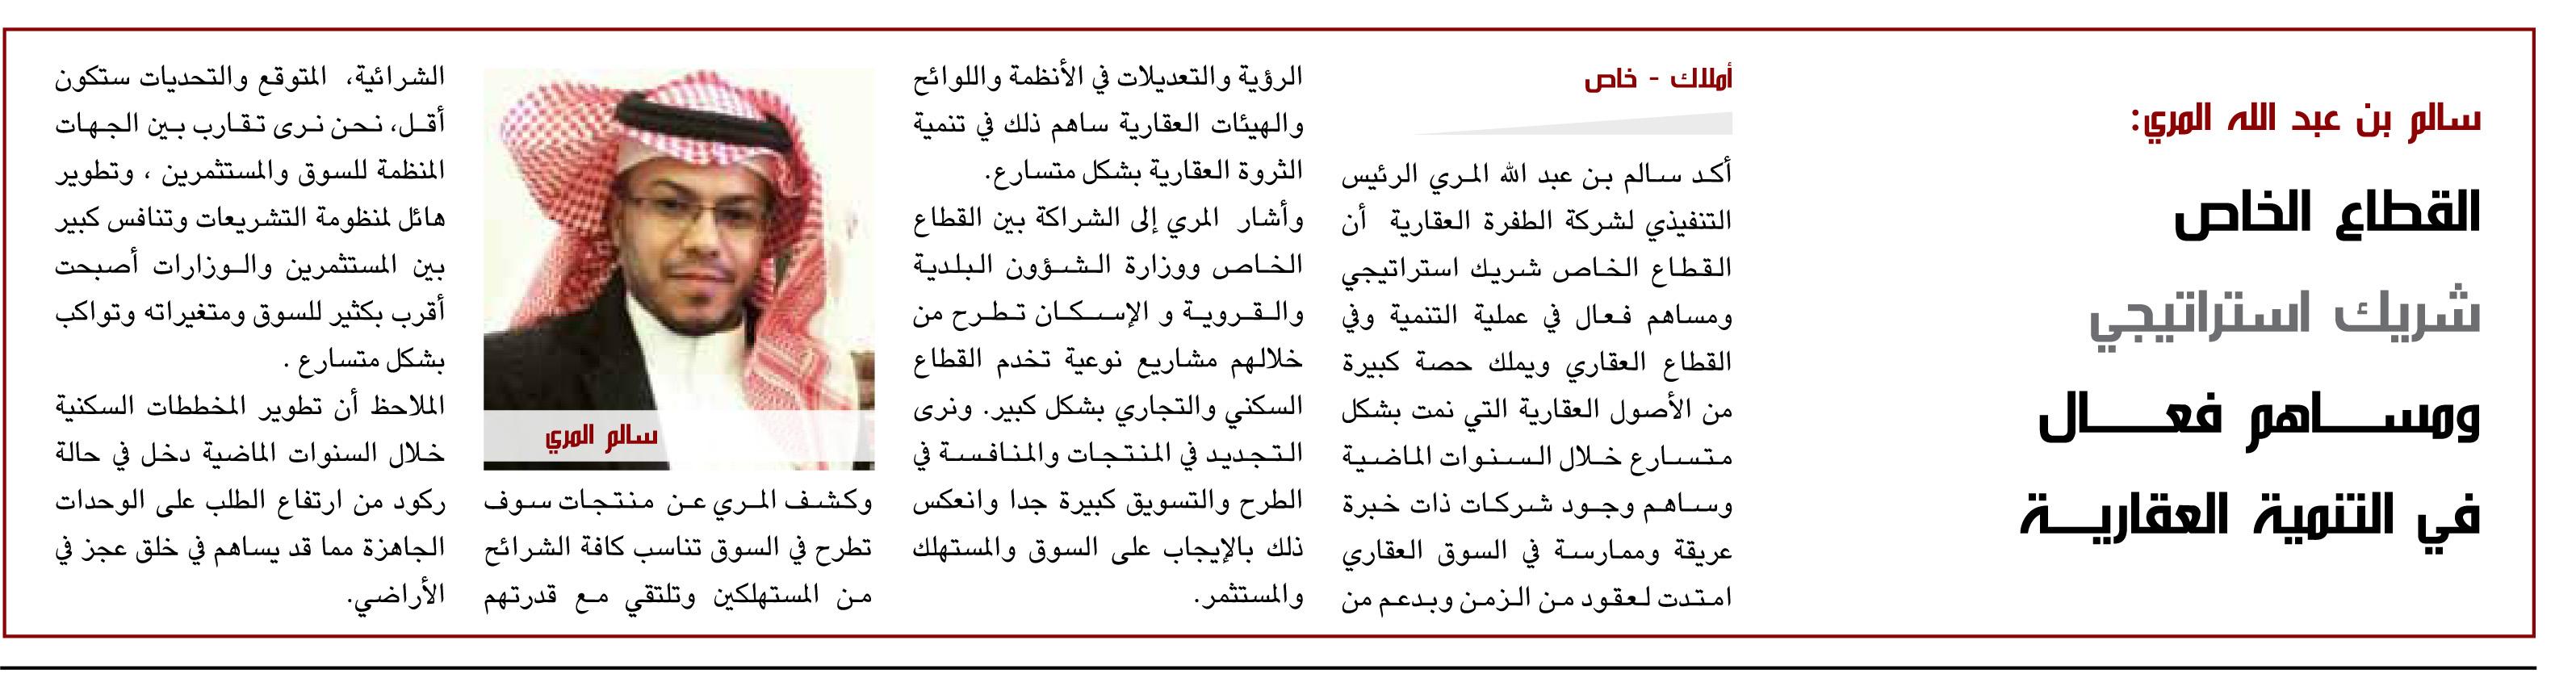 عبدالله المري - السوق العقاري - استطلاع